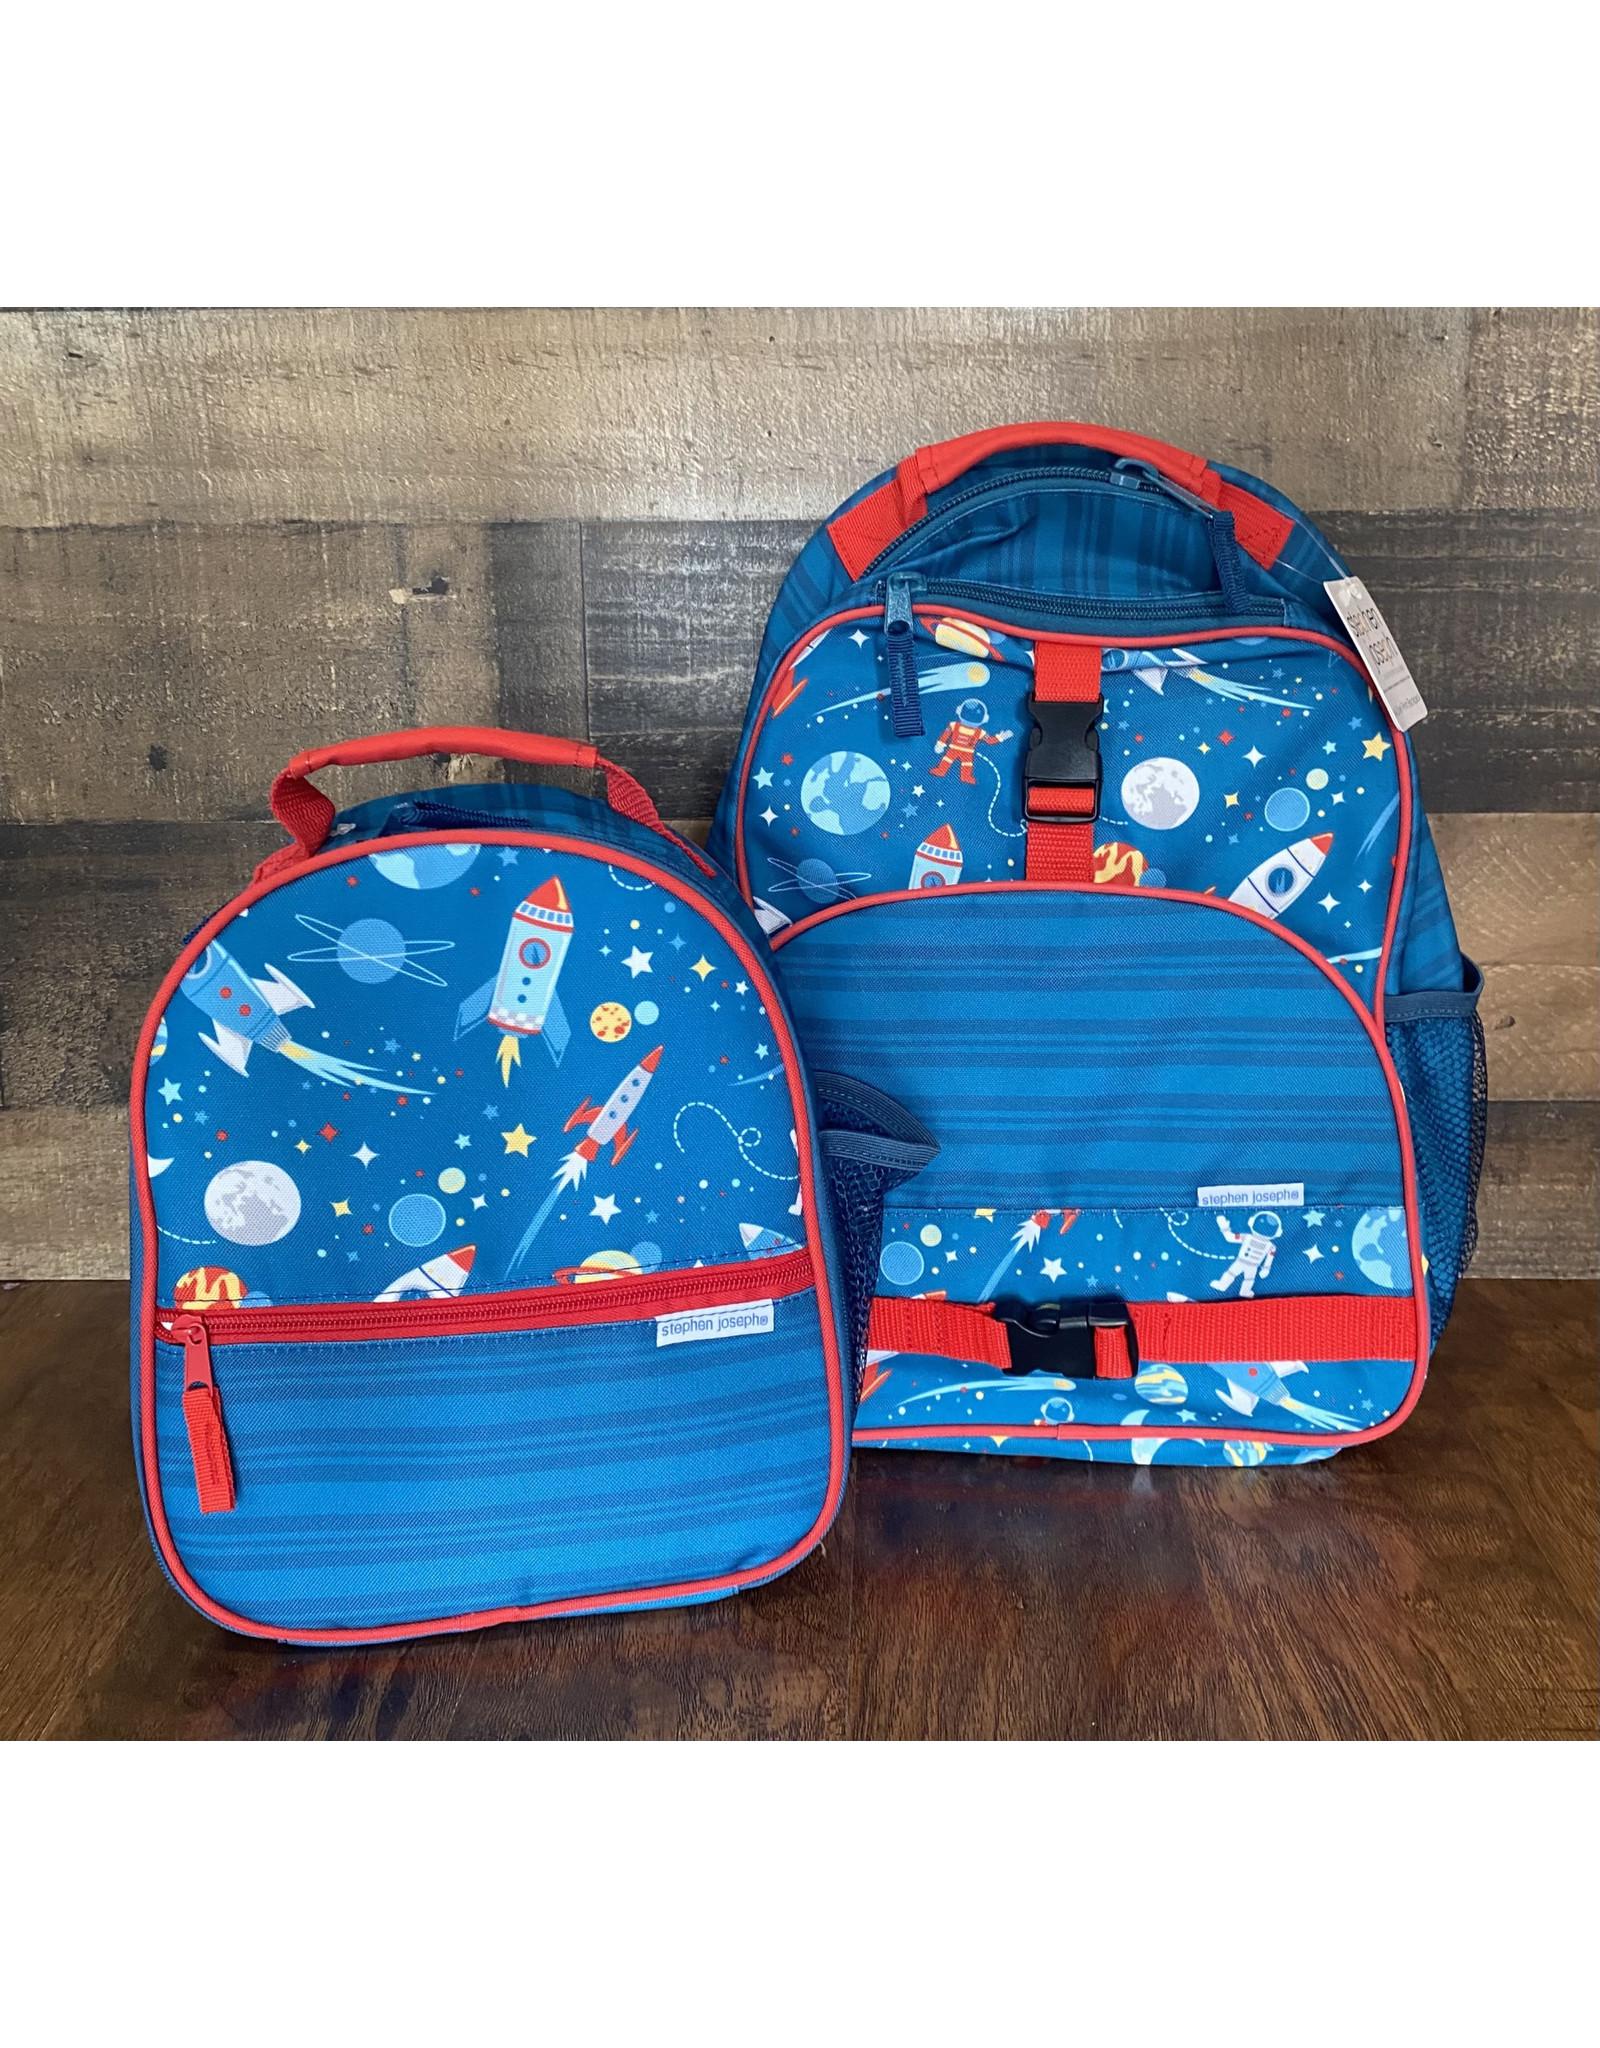 stephen joseph Stephen Joseph - All Over Print Backpack & Lunchbox Set: Space